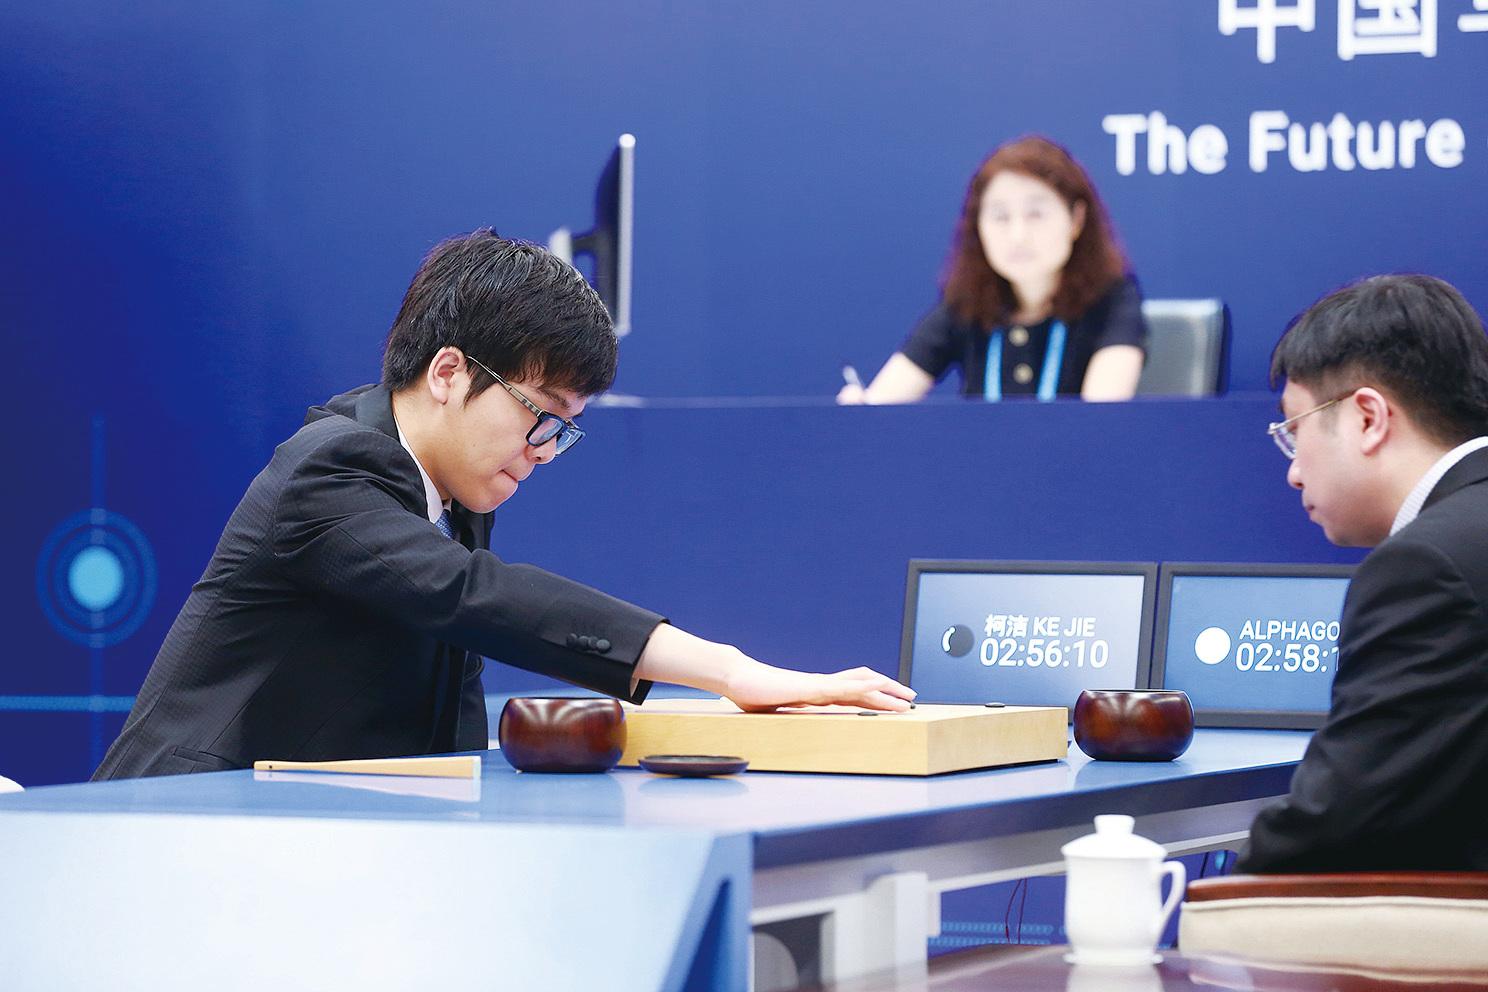 幾個月前,排名世界第一的天才棋手柯潔與AlphaGo之間展開圍棋對弈,三場比賽皆輸於機械人AlphaGo。人工智能(AI)再次成為全社會關注的焦點。人工智能的高度發展,或會征服人類,甚至取代人類。(Getty Images)